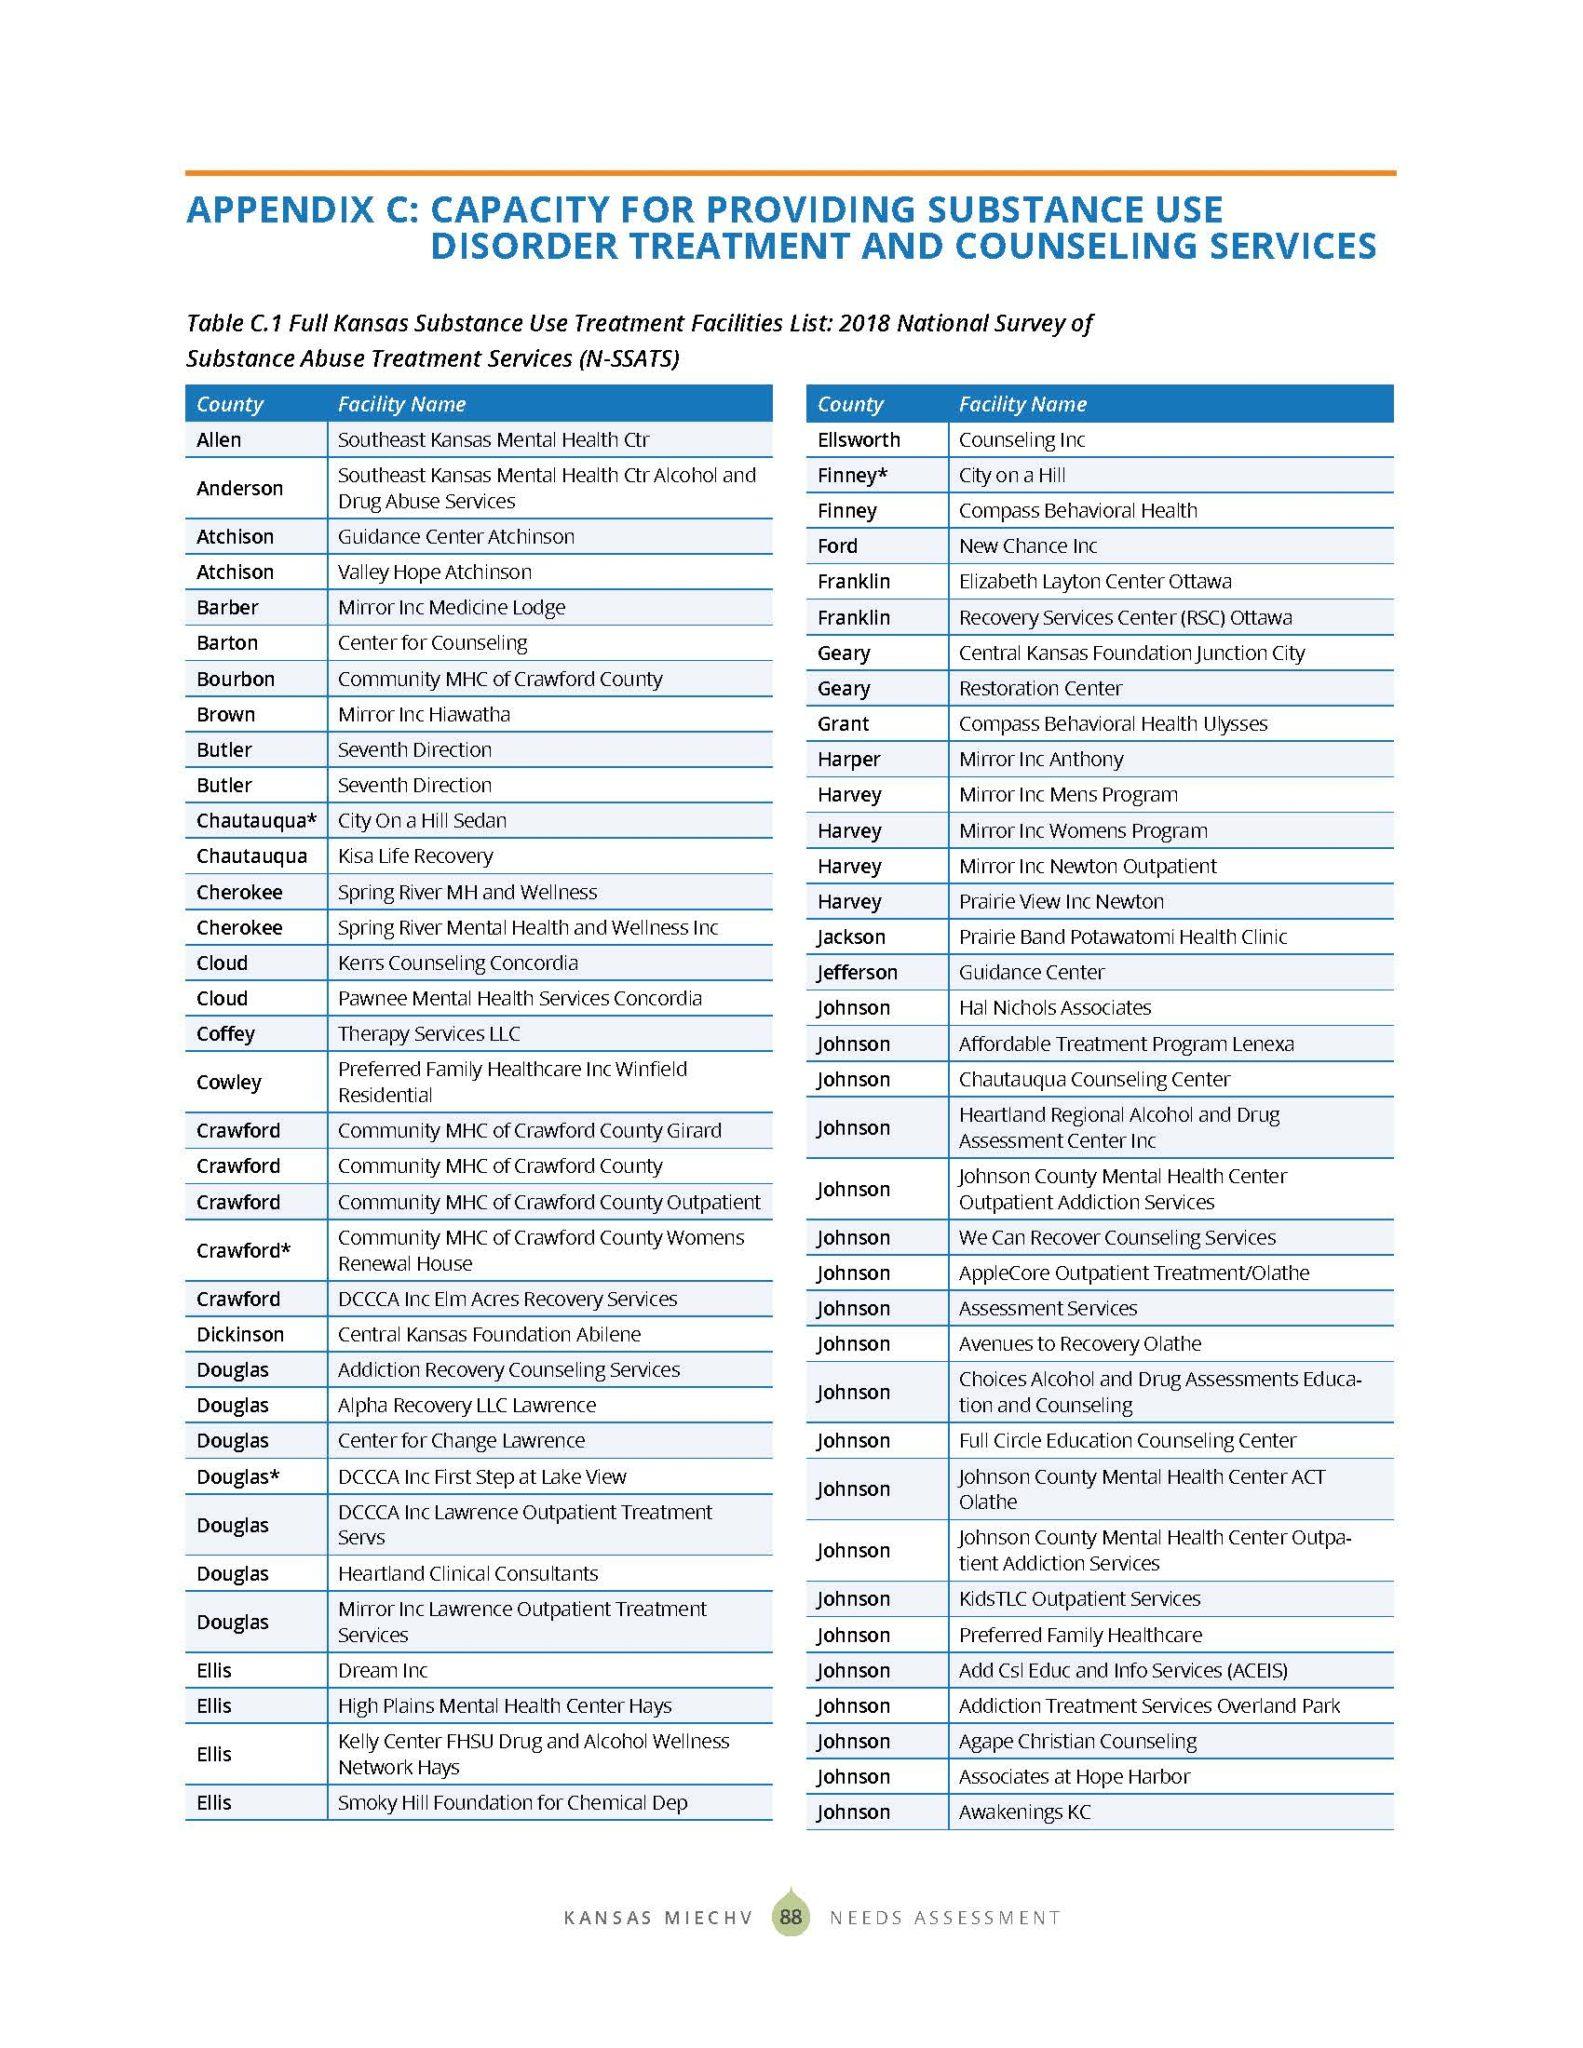 KS MIECHV 2020 Needs Assessment_DIGITAL_Page_096